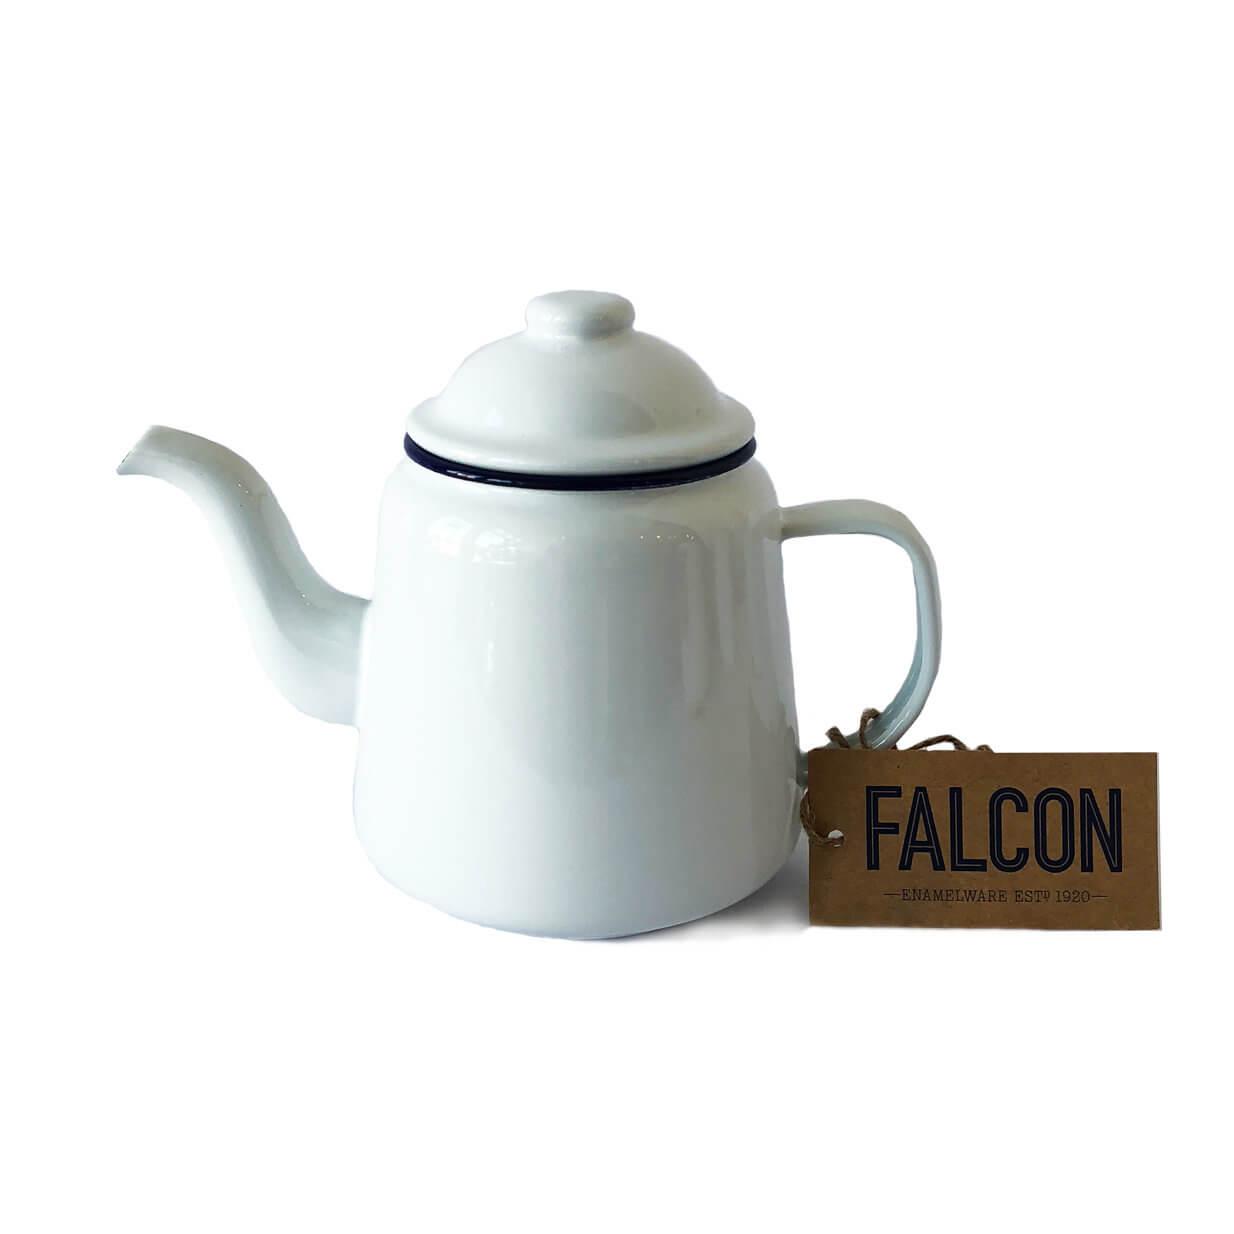 Falcon teapot